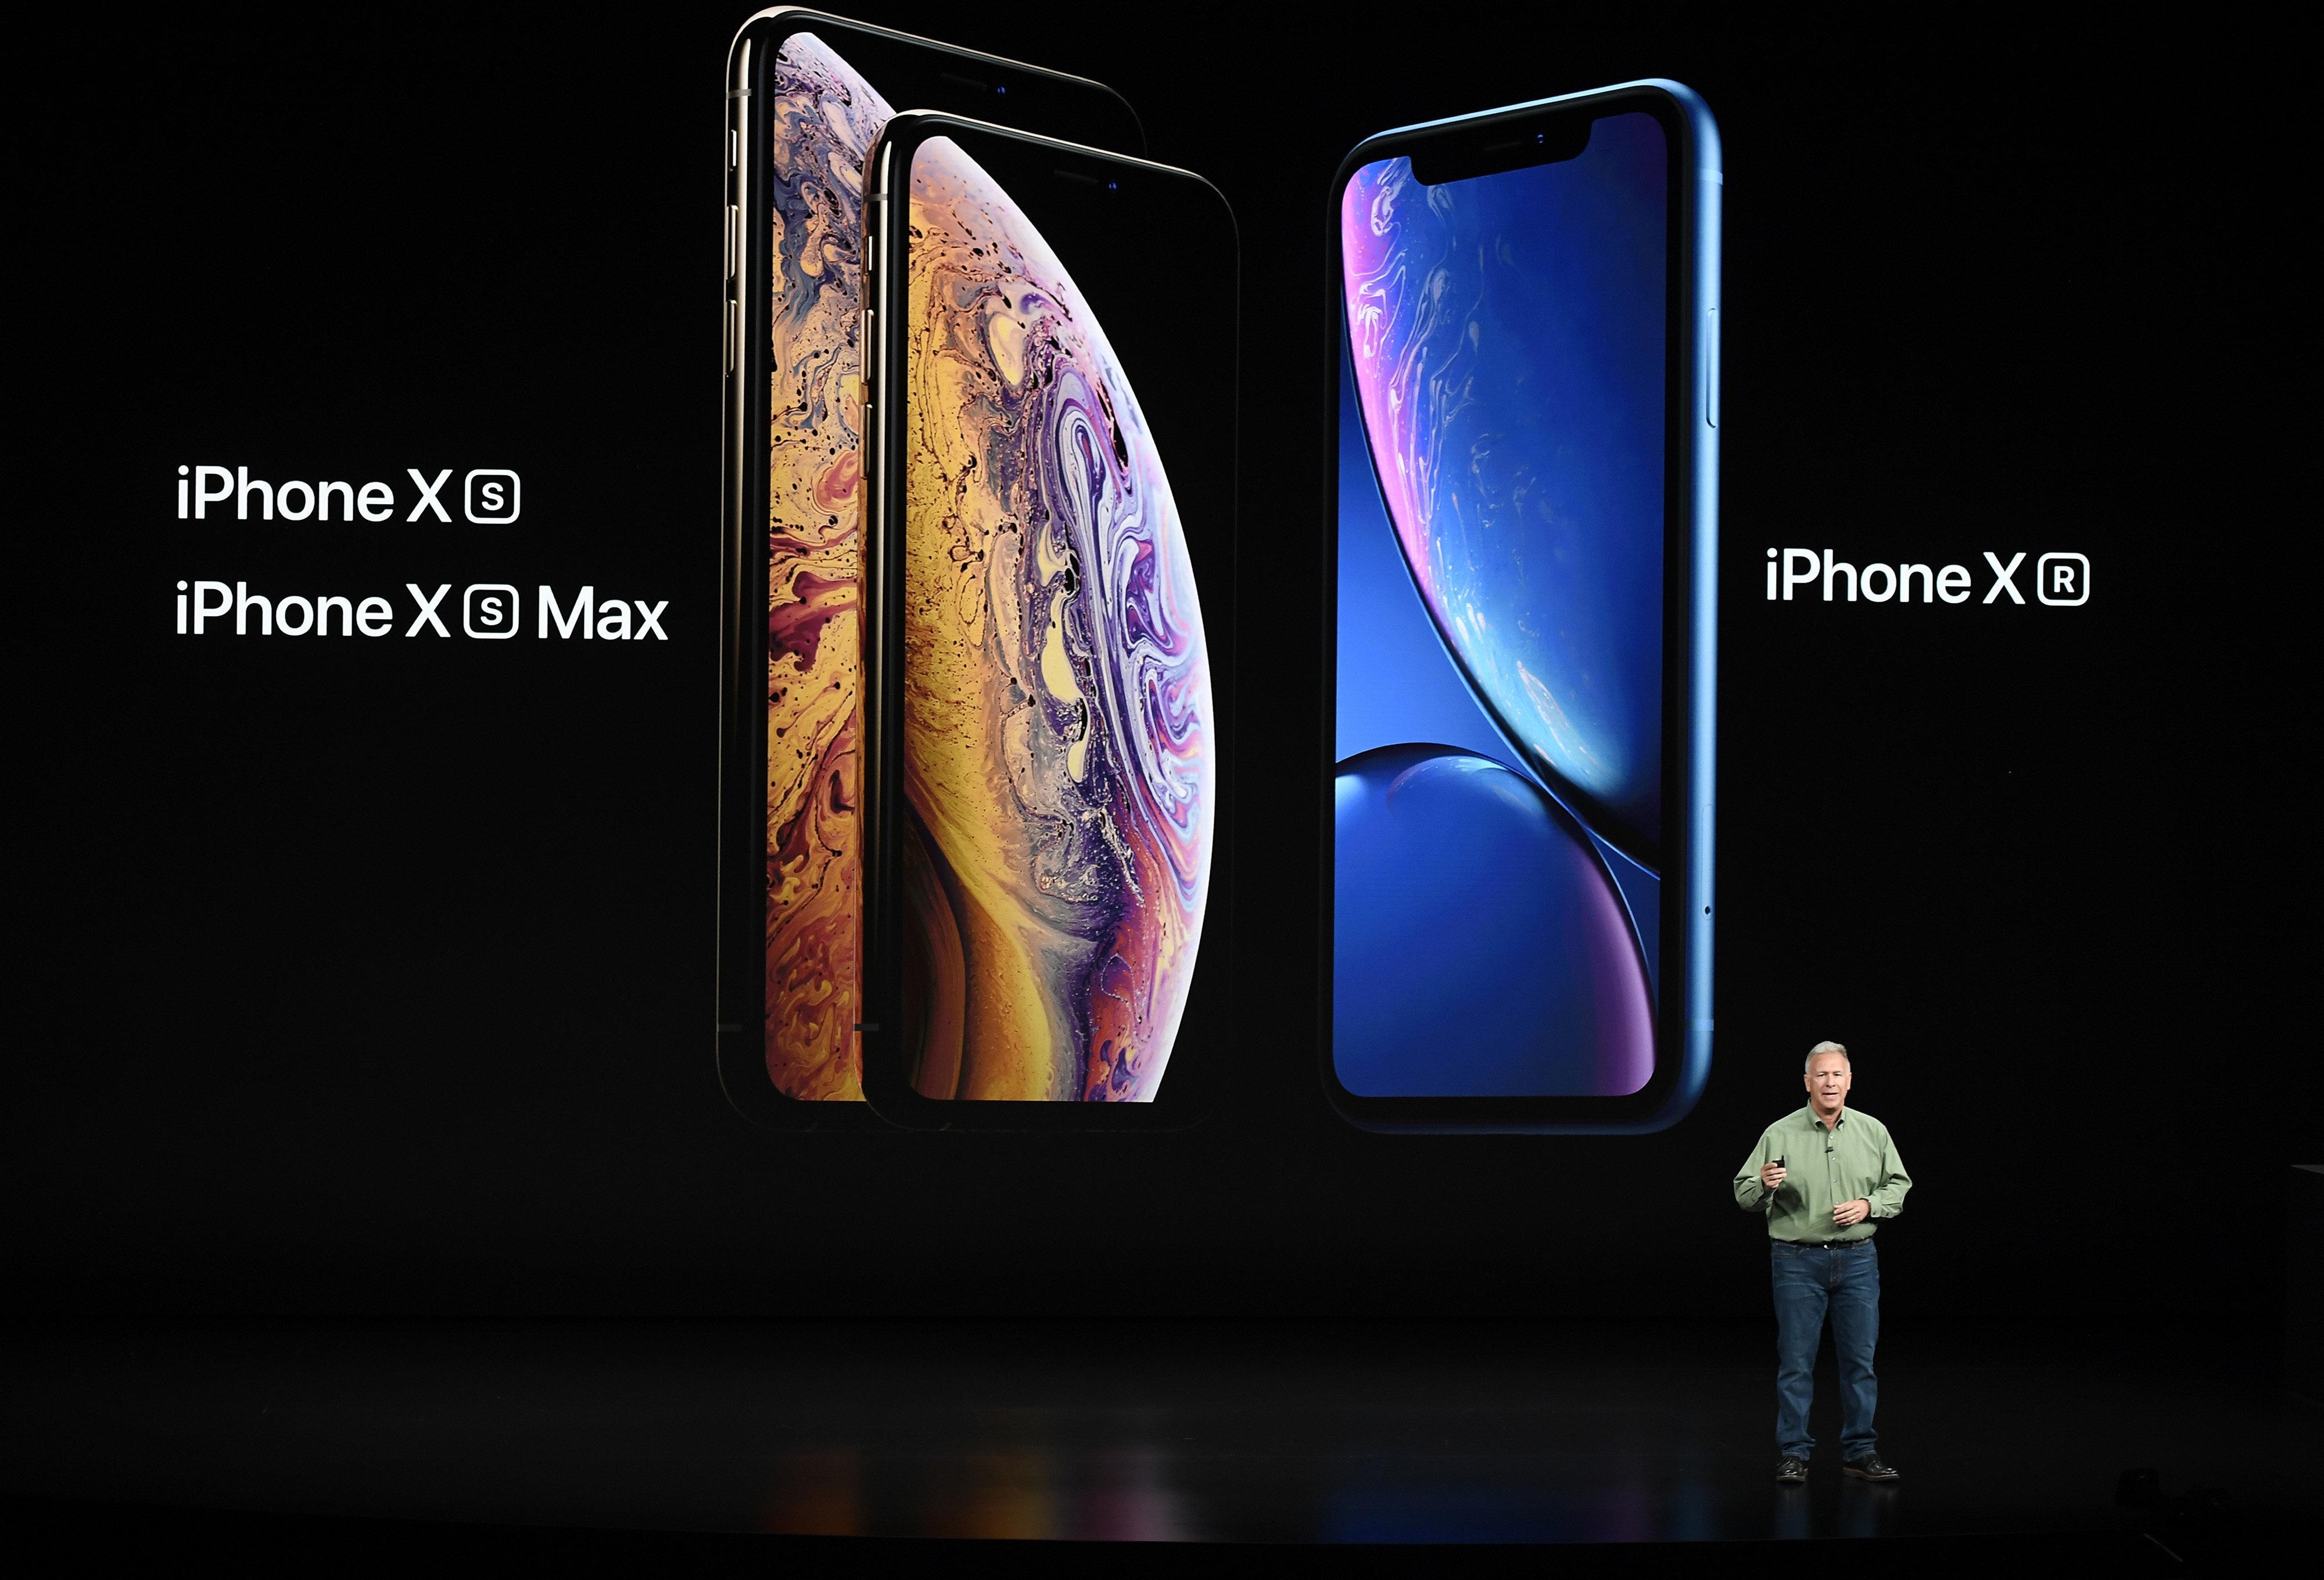 애플이 발표한 아이폰 Xs, 아이폰 Xs Max, 아이폰 Xr의 모든 것